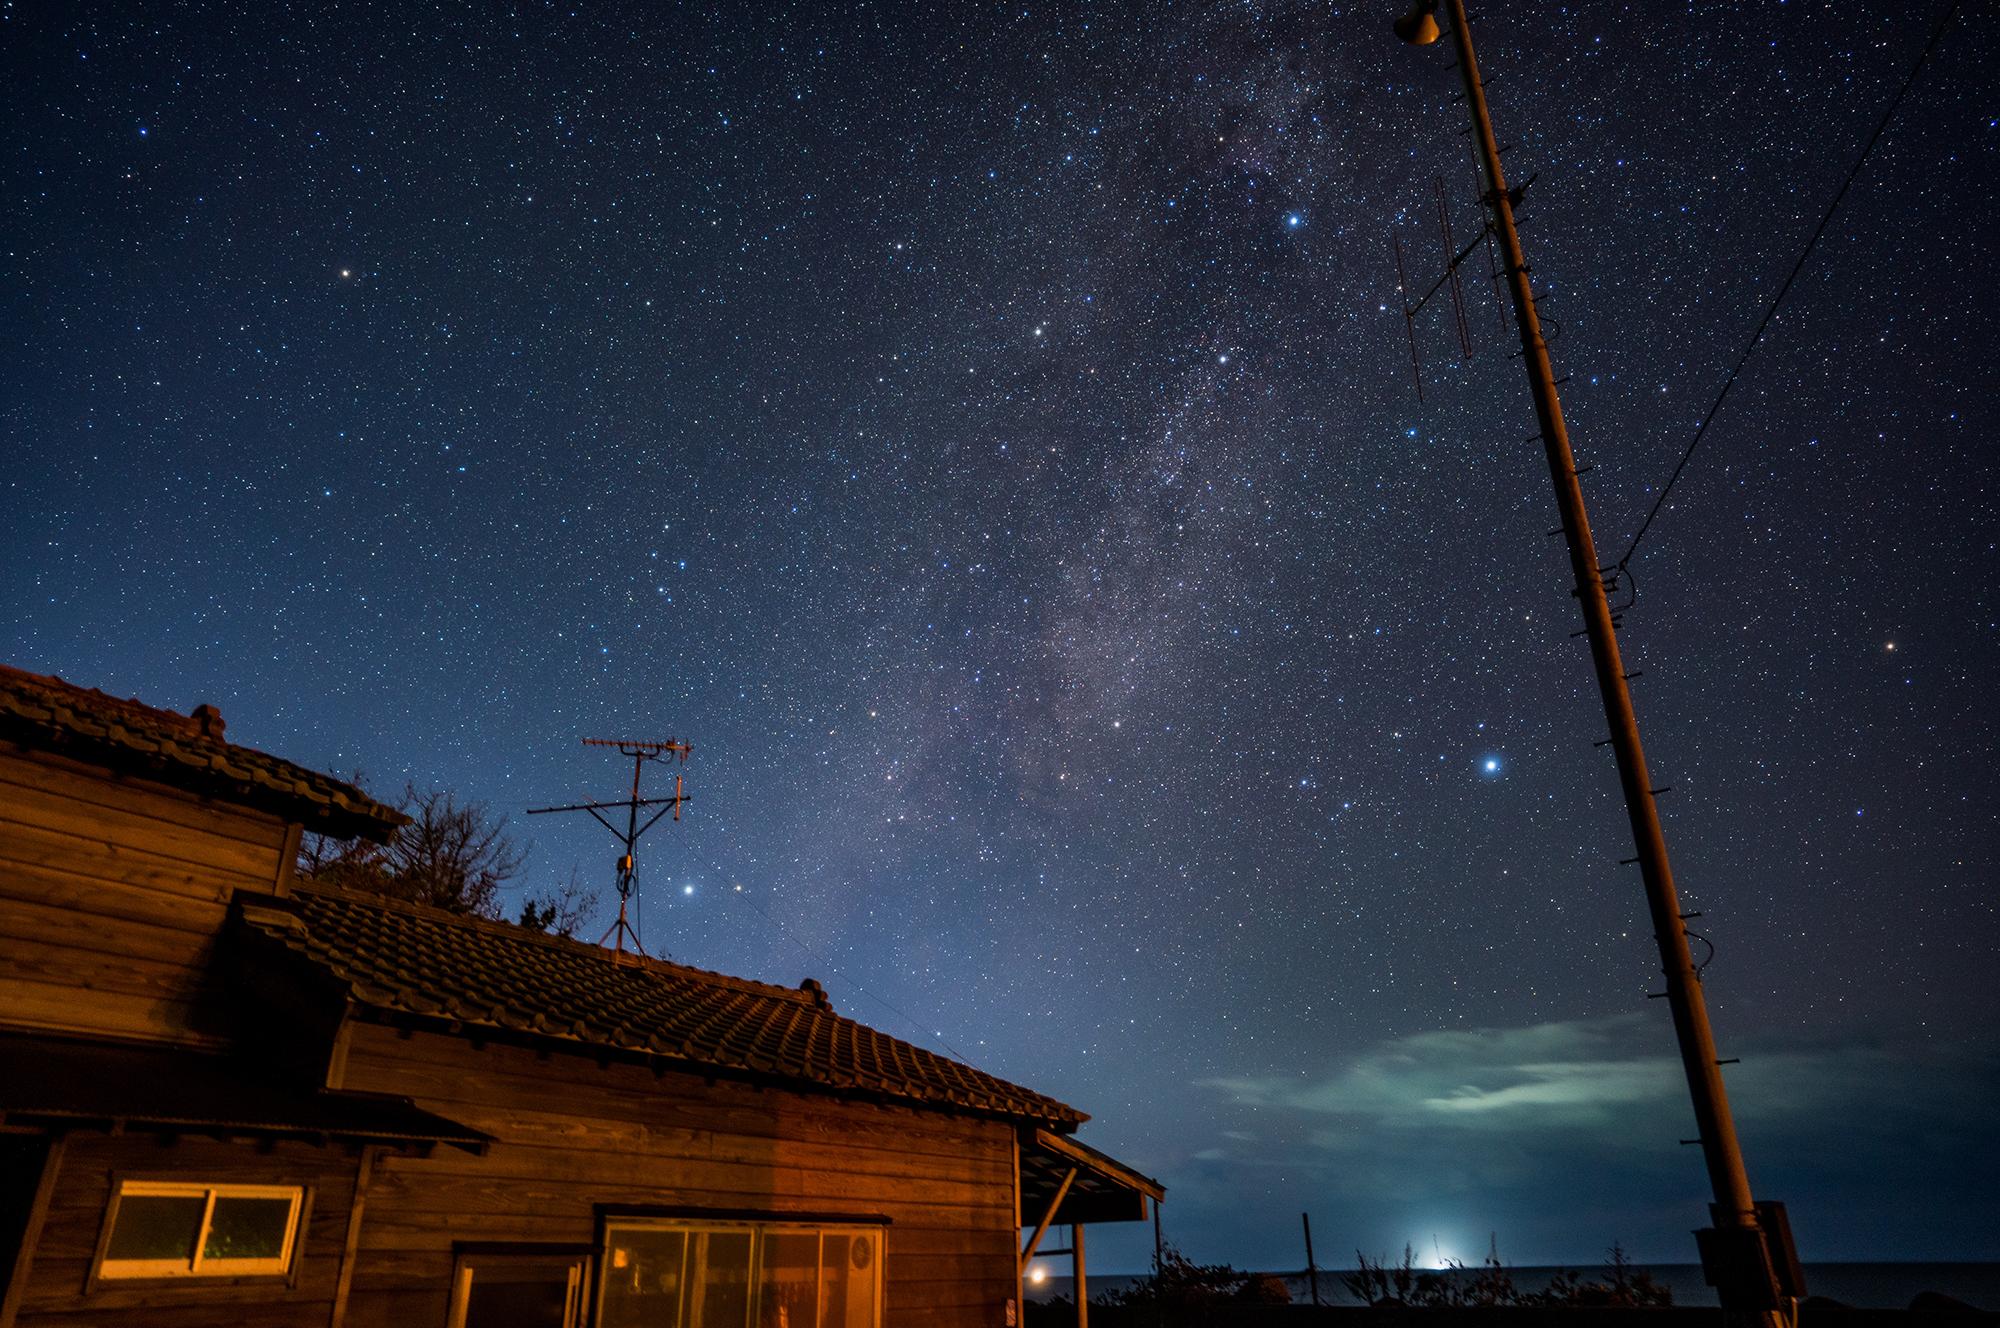 天体写真家 沼澤茂美 氏×α7R III 特集:この一台で、挑む。すべてに ...